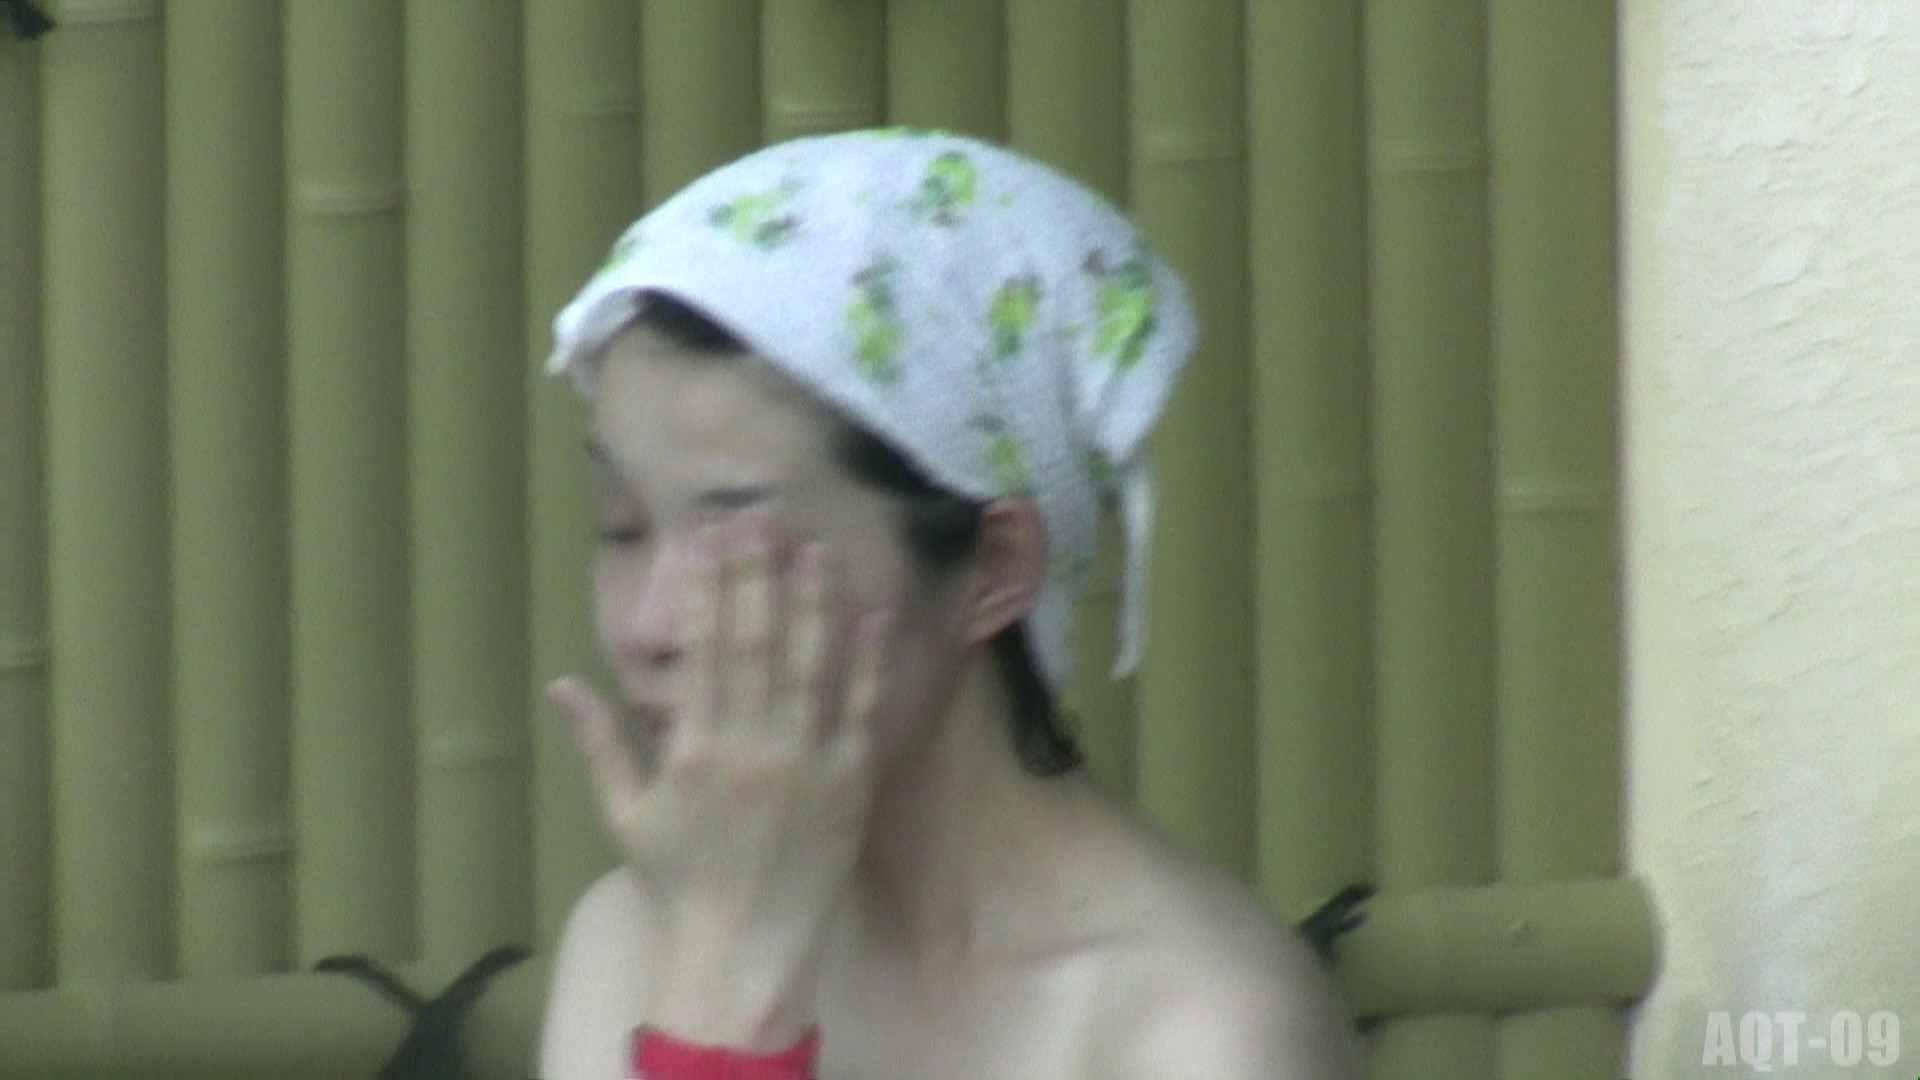 Aquaな露天風呂Vol.786 エッチな盗撮 エロ画像 99pic 43